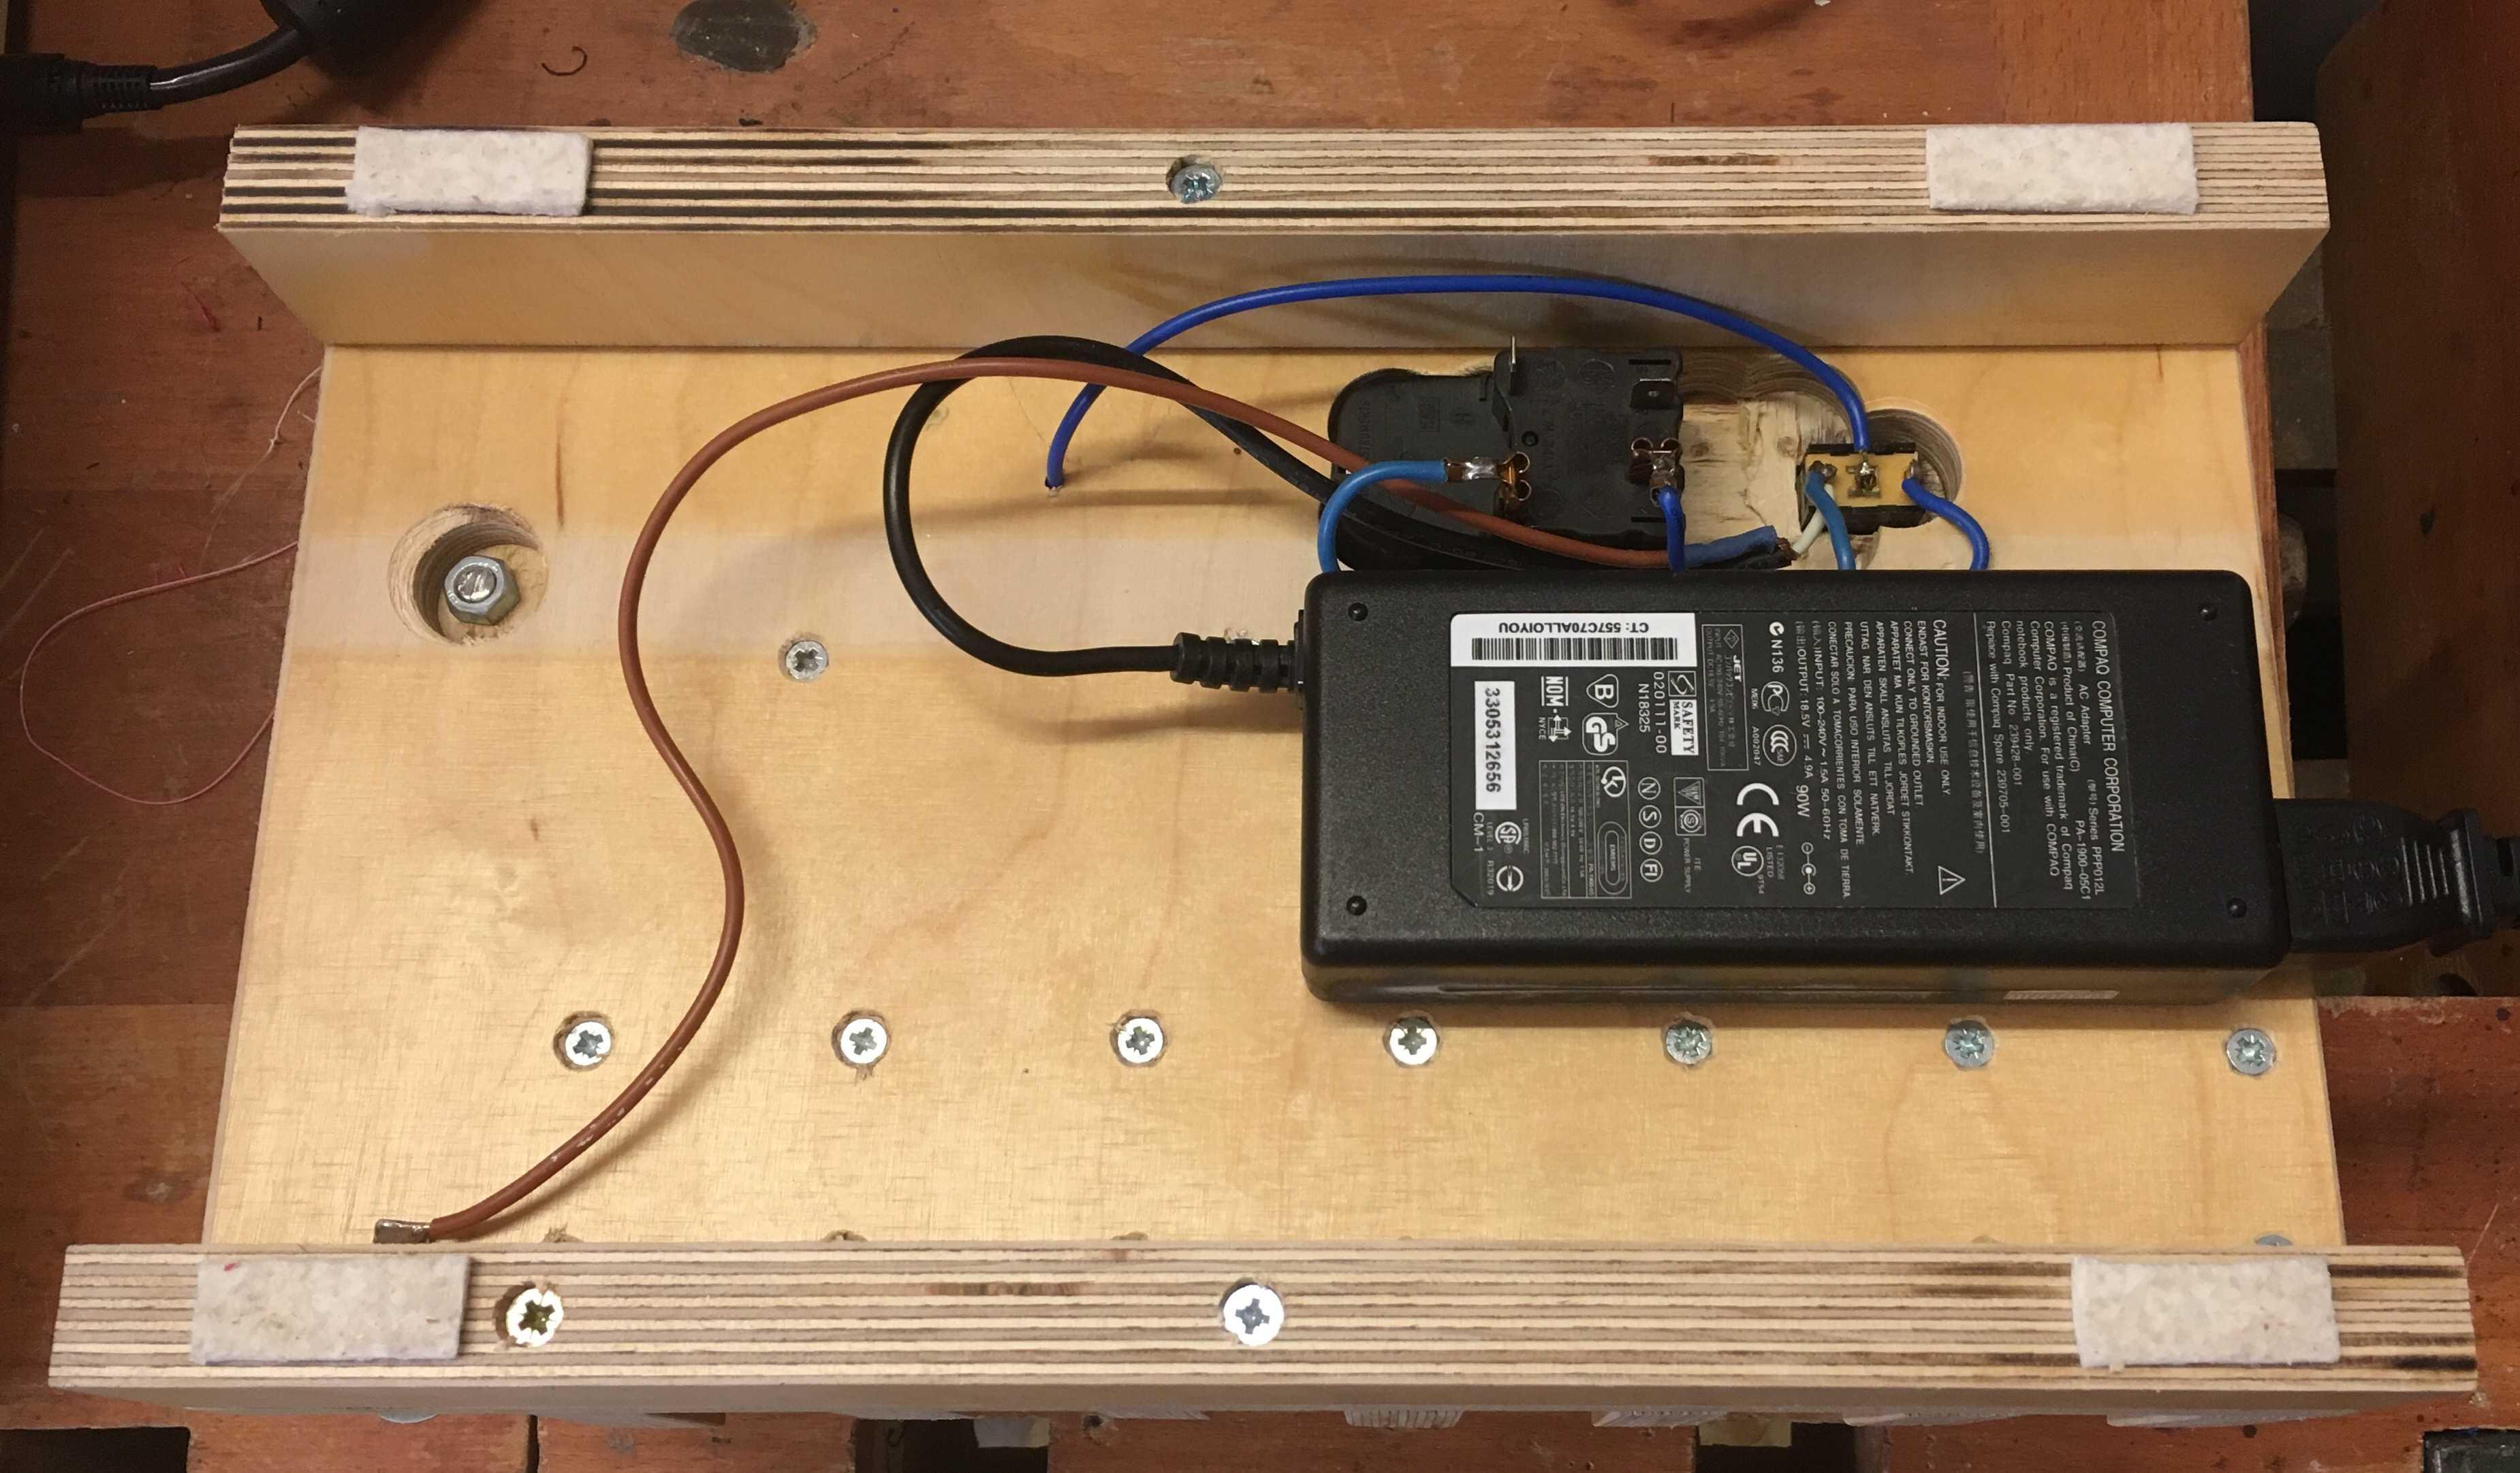 Elektrik in einer Holzkiste